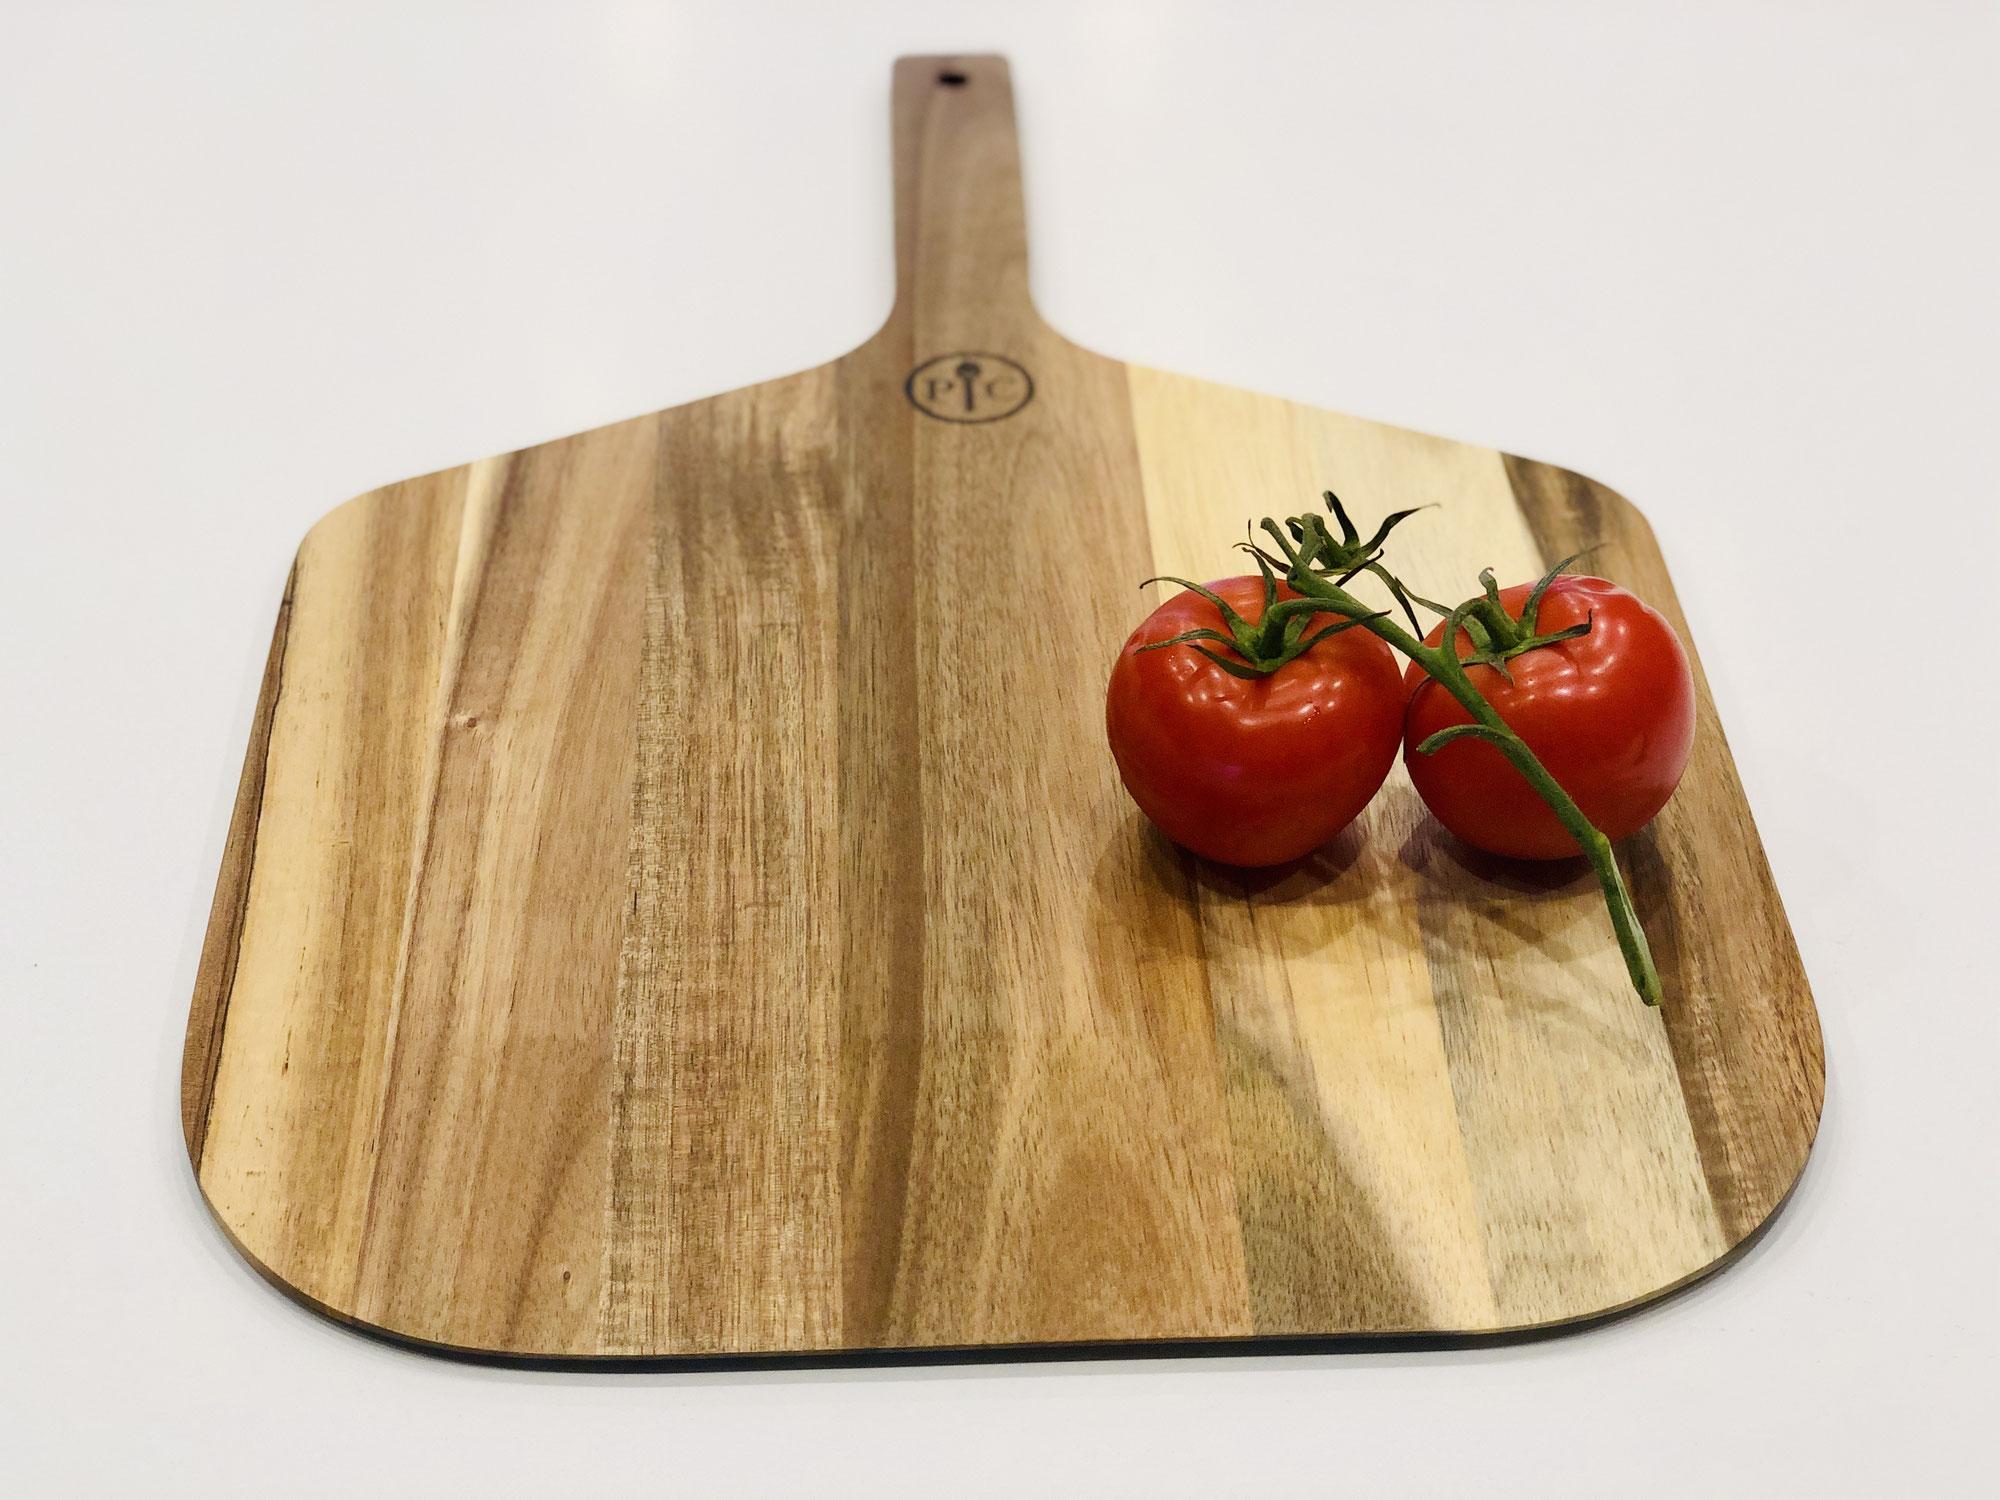 Pizzaschieber aus Akazienholz von Pampered Chef